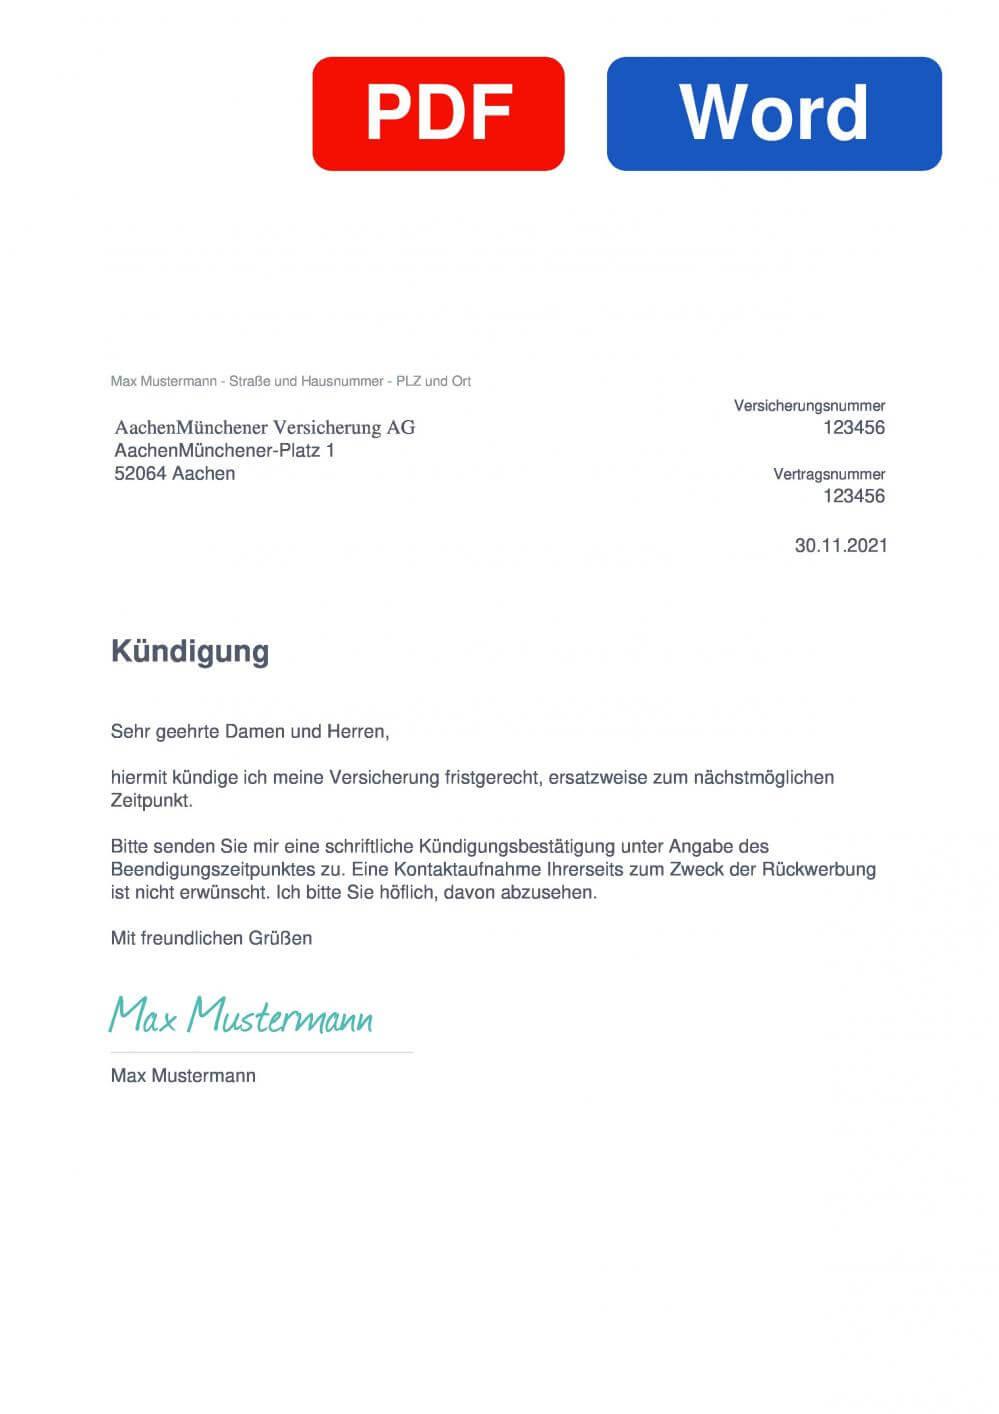 AachenMünchener Rentenversicherung Muster Vorlage für Kündigungsschreiben